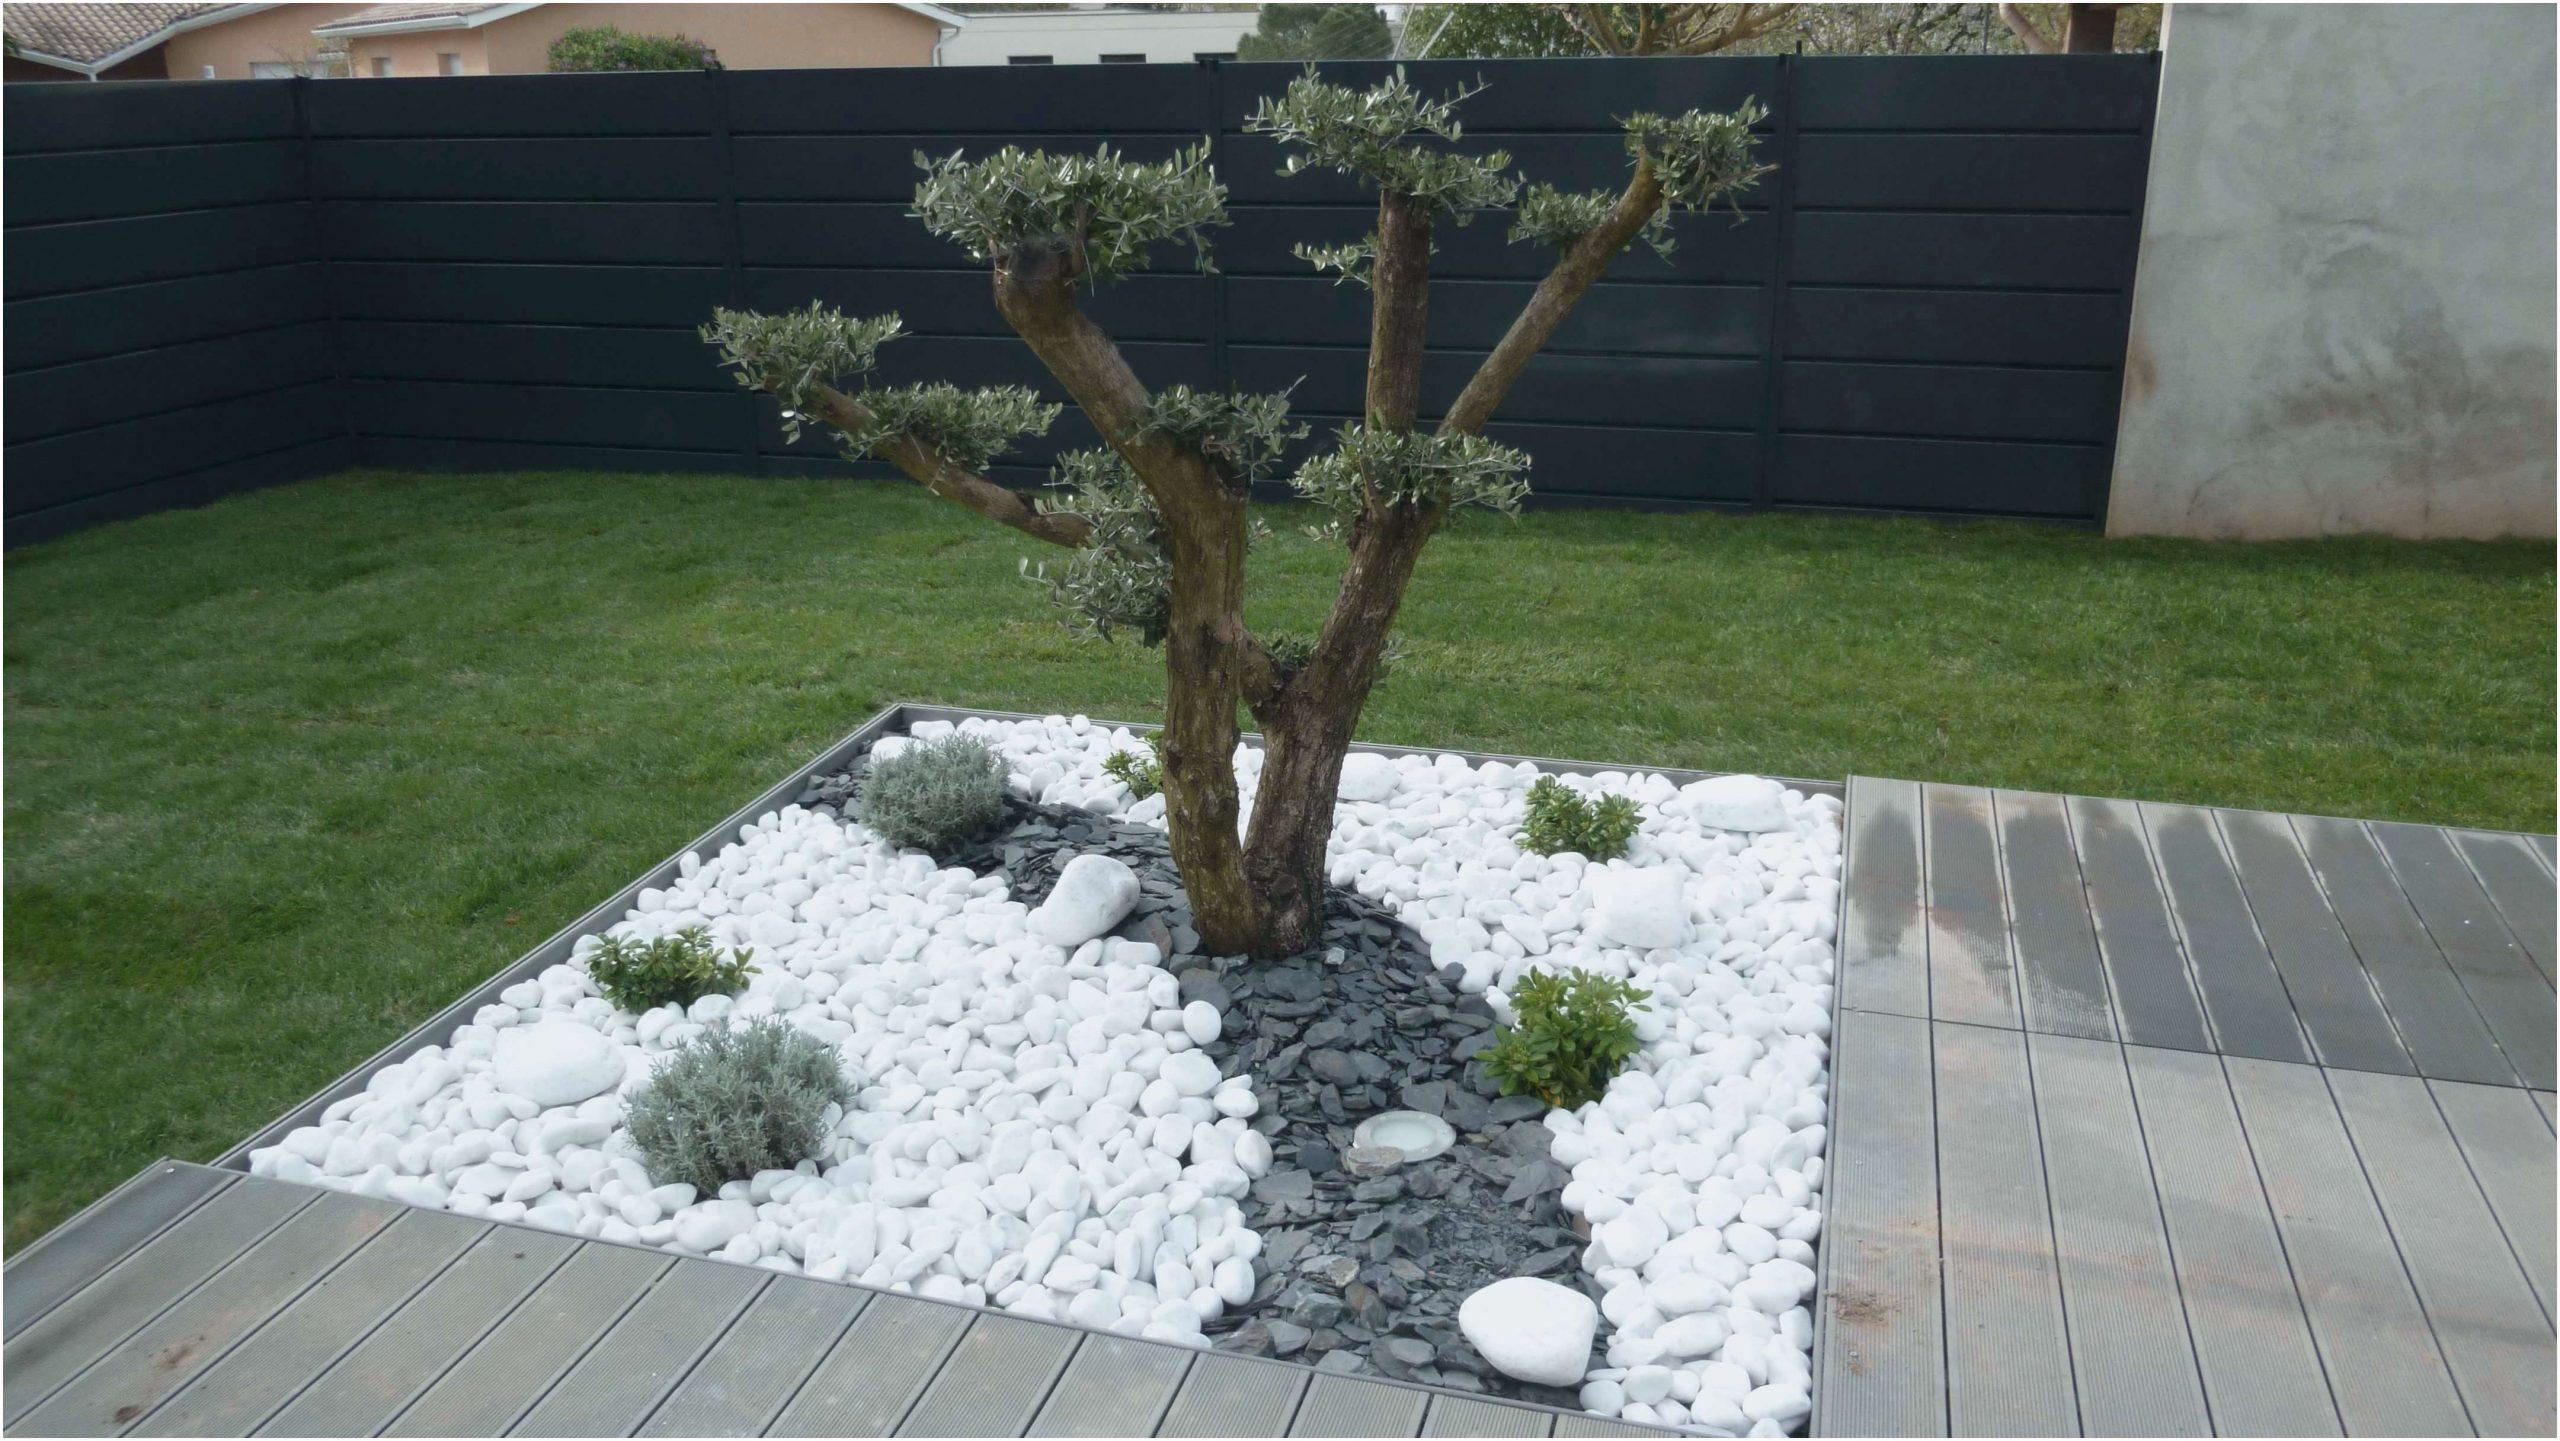 Idee Deco Jardin Avec Gravillon | Idee Deco Jardin ... destiné Galets Pas Cher Jardin